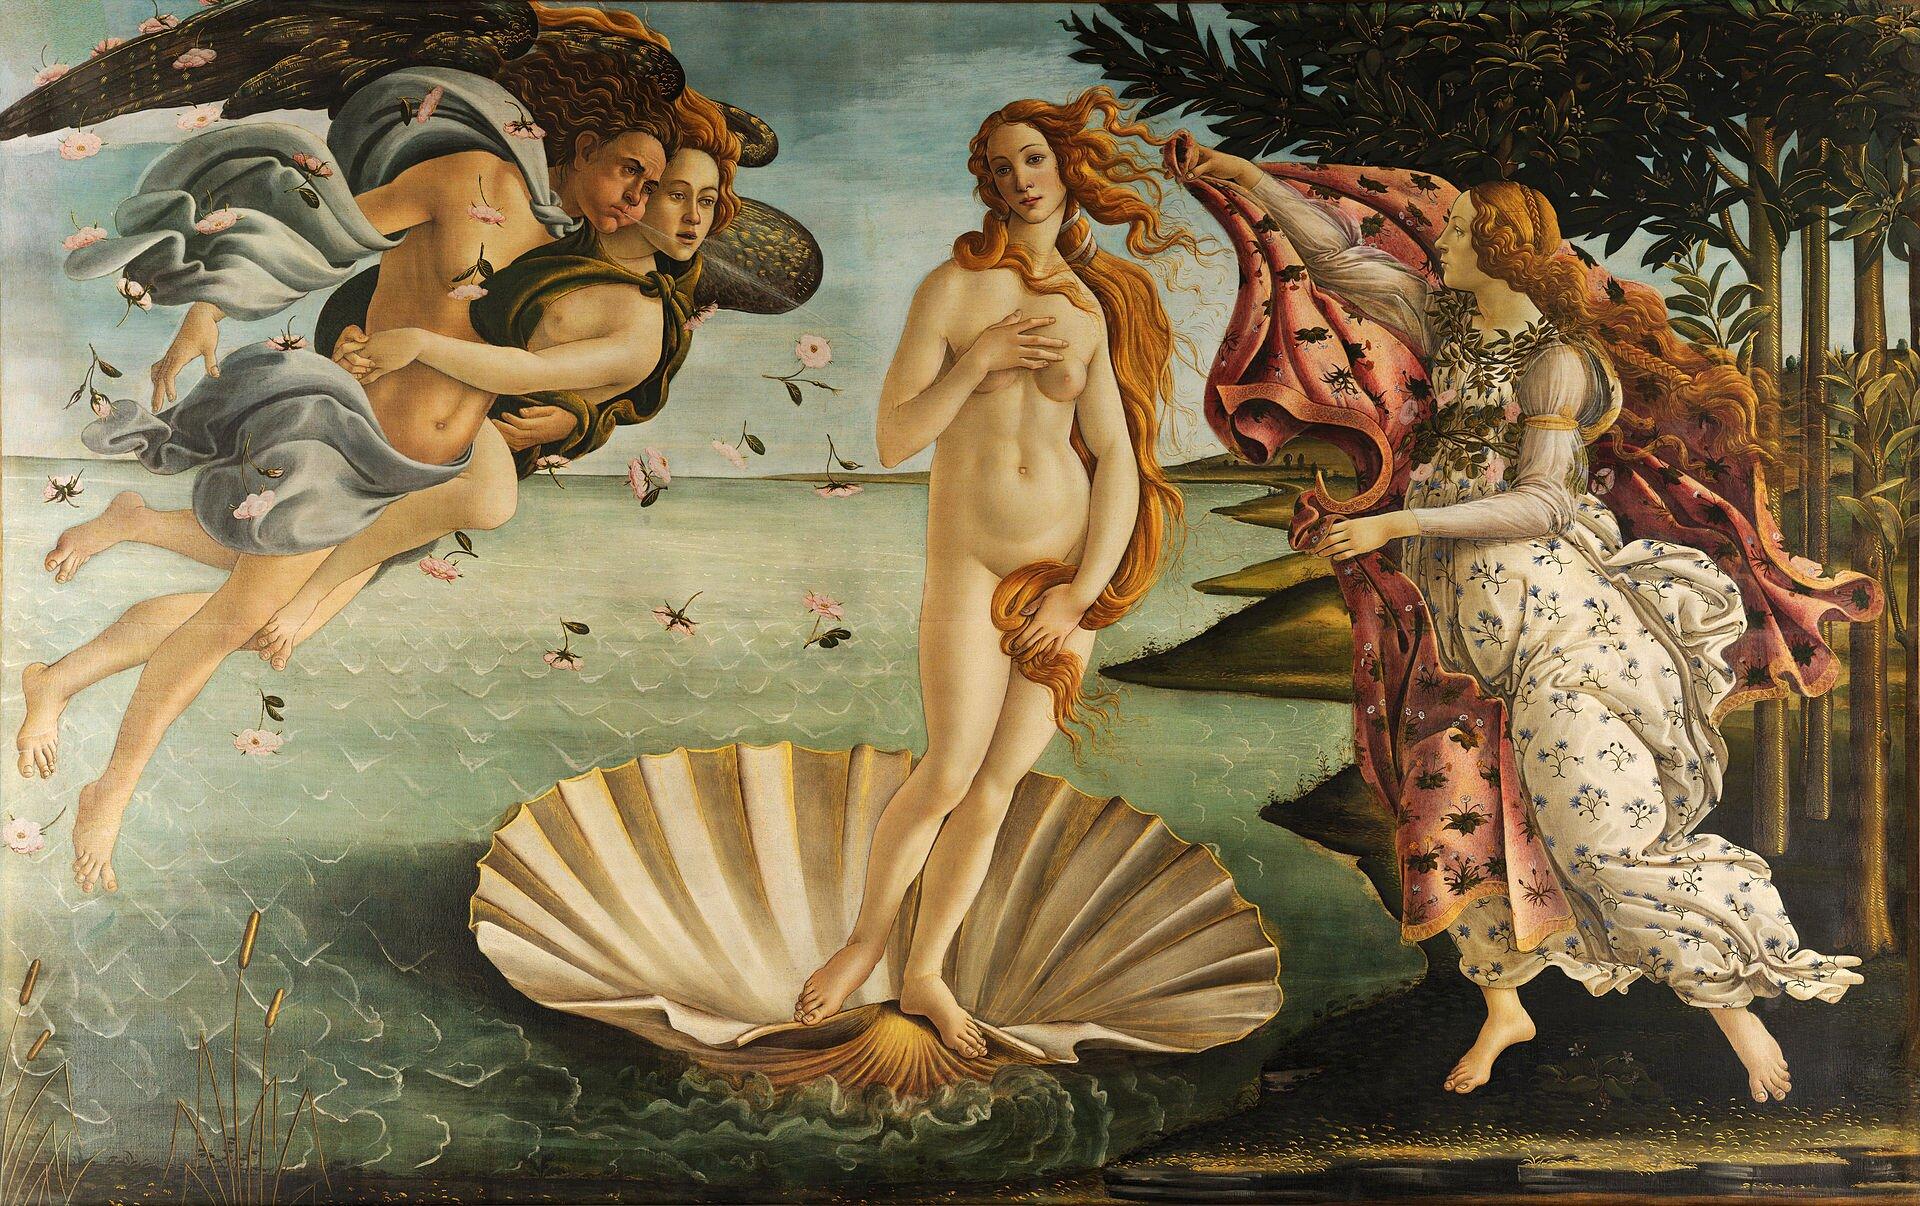 """Ilustracja przedstawia obraz """"Narodziny Wenus"""" autorstwa Sandro Botticellego. Wcentralnym miejscu dzieła ukazana jest postać nagiej, młodej dziewczyny zdługimi, pofalowanymi włosami, stojąca wunoszącej się na morzu, dużej białej muszli. Postać ustawiona jest wkontrapoście zgłową przechyloną wprawo, jej rude włosy, lekko unoszą się na wietrze. Prawa ręka lekko okrywa okrągłe piersi. Po lewej stronie obok Wenus unoszą się wpowietrzu dwie splecione ze sobą postacie Zefirów ze skrzydłami, które dmuchając starają się zepchnąć muszlę na brzeg. Po prawej stronie znajduje się postać Hordy - bogini pór roku. Ubrana wbiałą suknię wdrobny kwiecisty wzór kobieta trzyma czerwony płaszcz, którym stara się okryć postać Wenus. Prawą część tła wypełnia ciemny las. Dzieło, wykonane wtechnice tempery na płótnie, utrzymane jest wjasnej, ciepłej tonacji zdominacją ciepłych beży izielonkawych błękitów."""